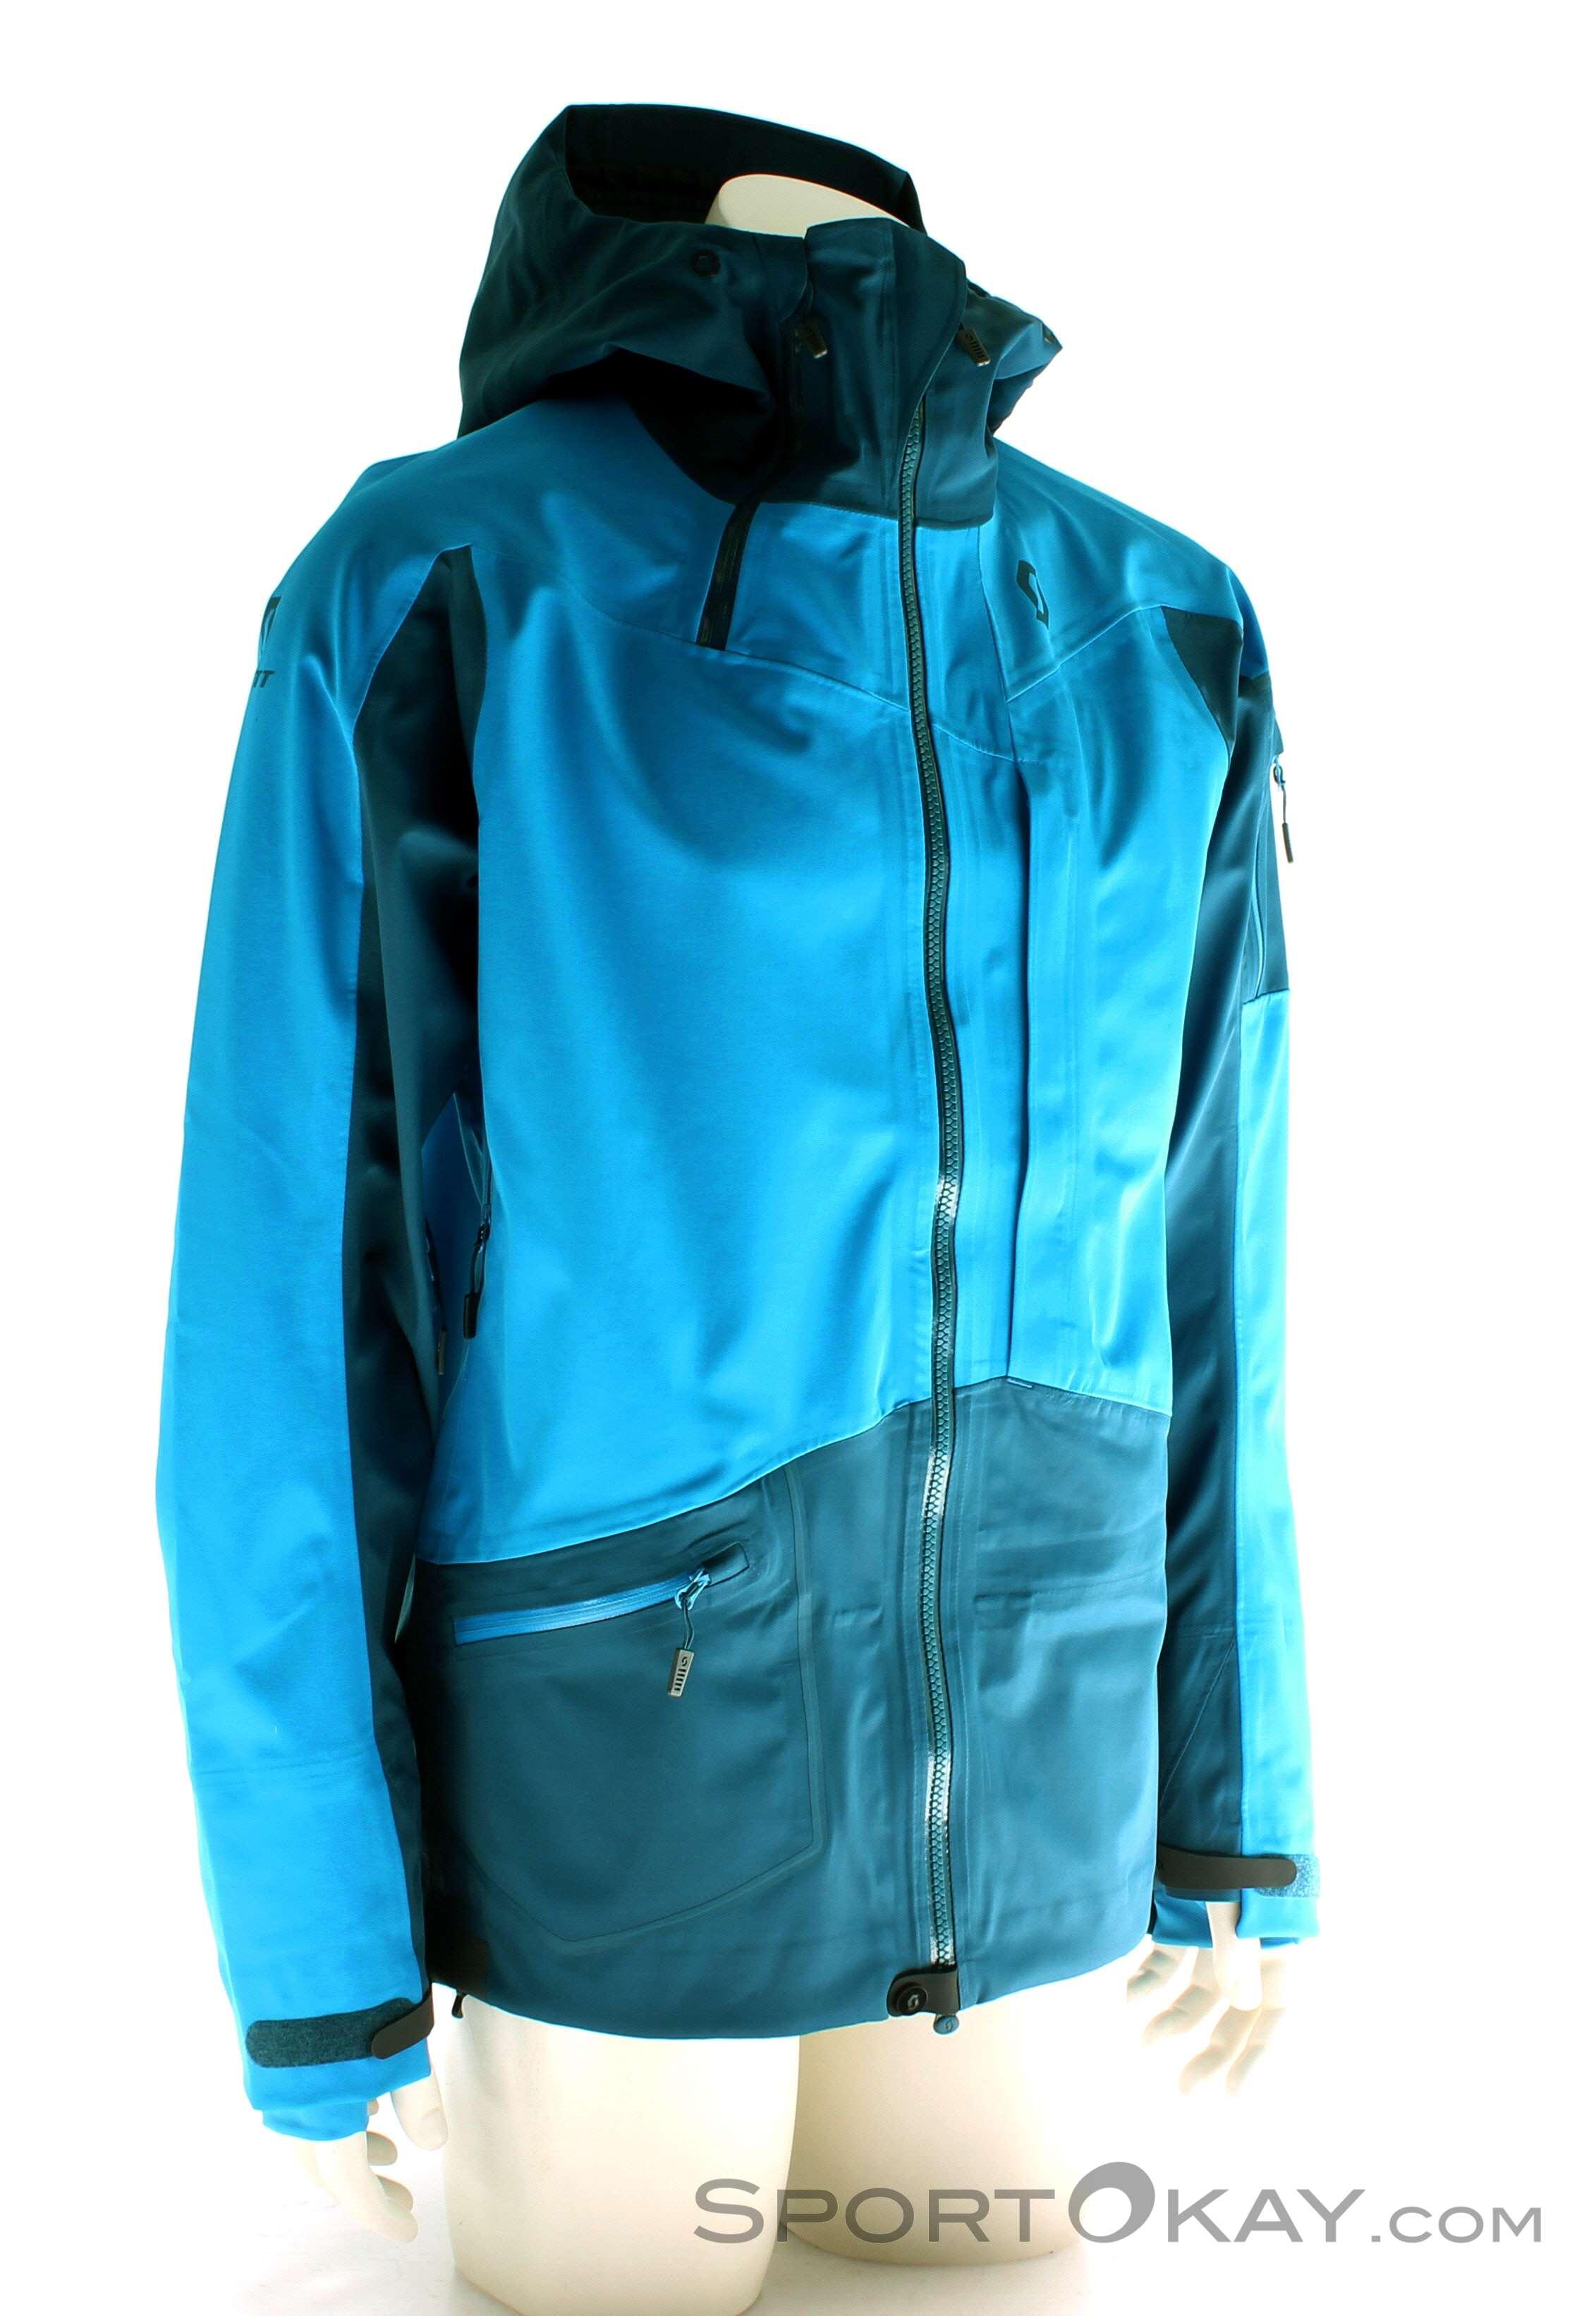 Scott Skijacken Herren Tourenjacke 3l Jacket Vertic jA4RL5